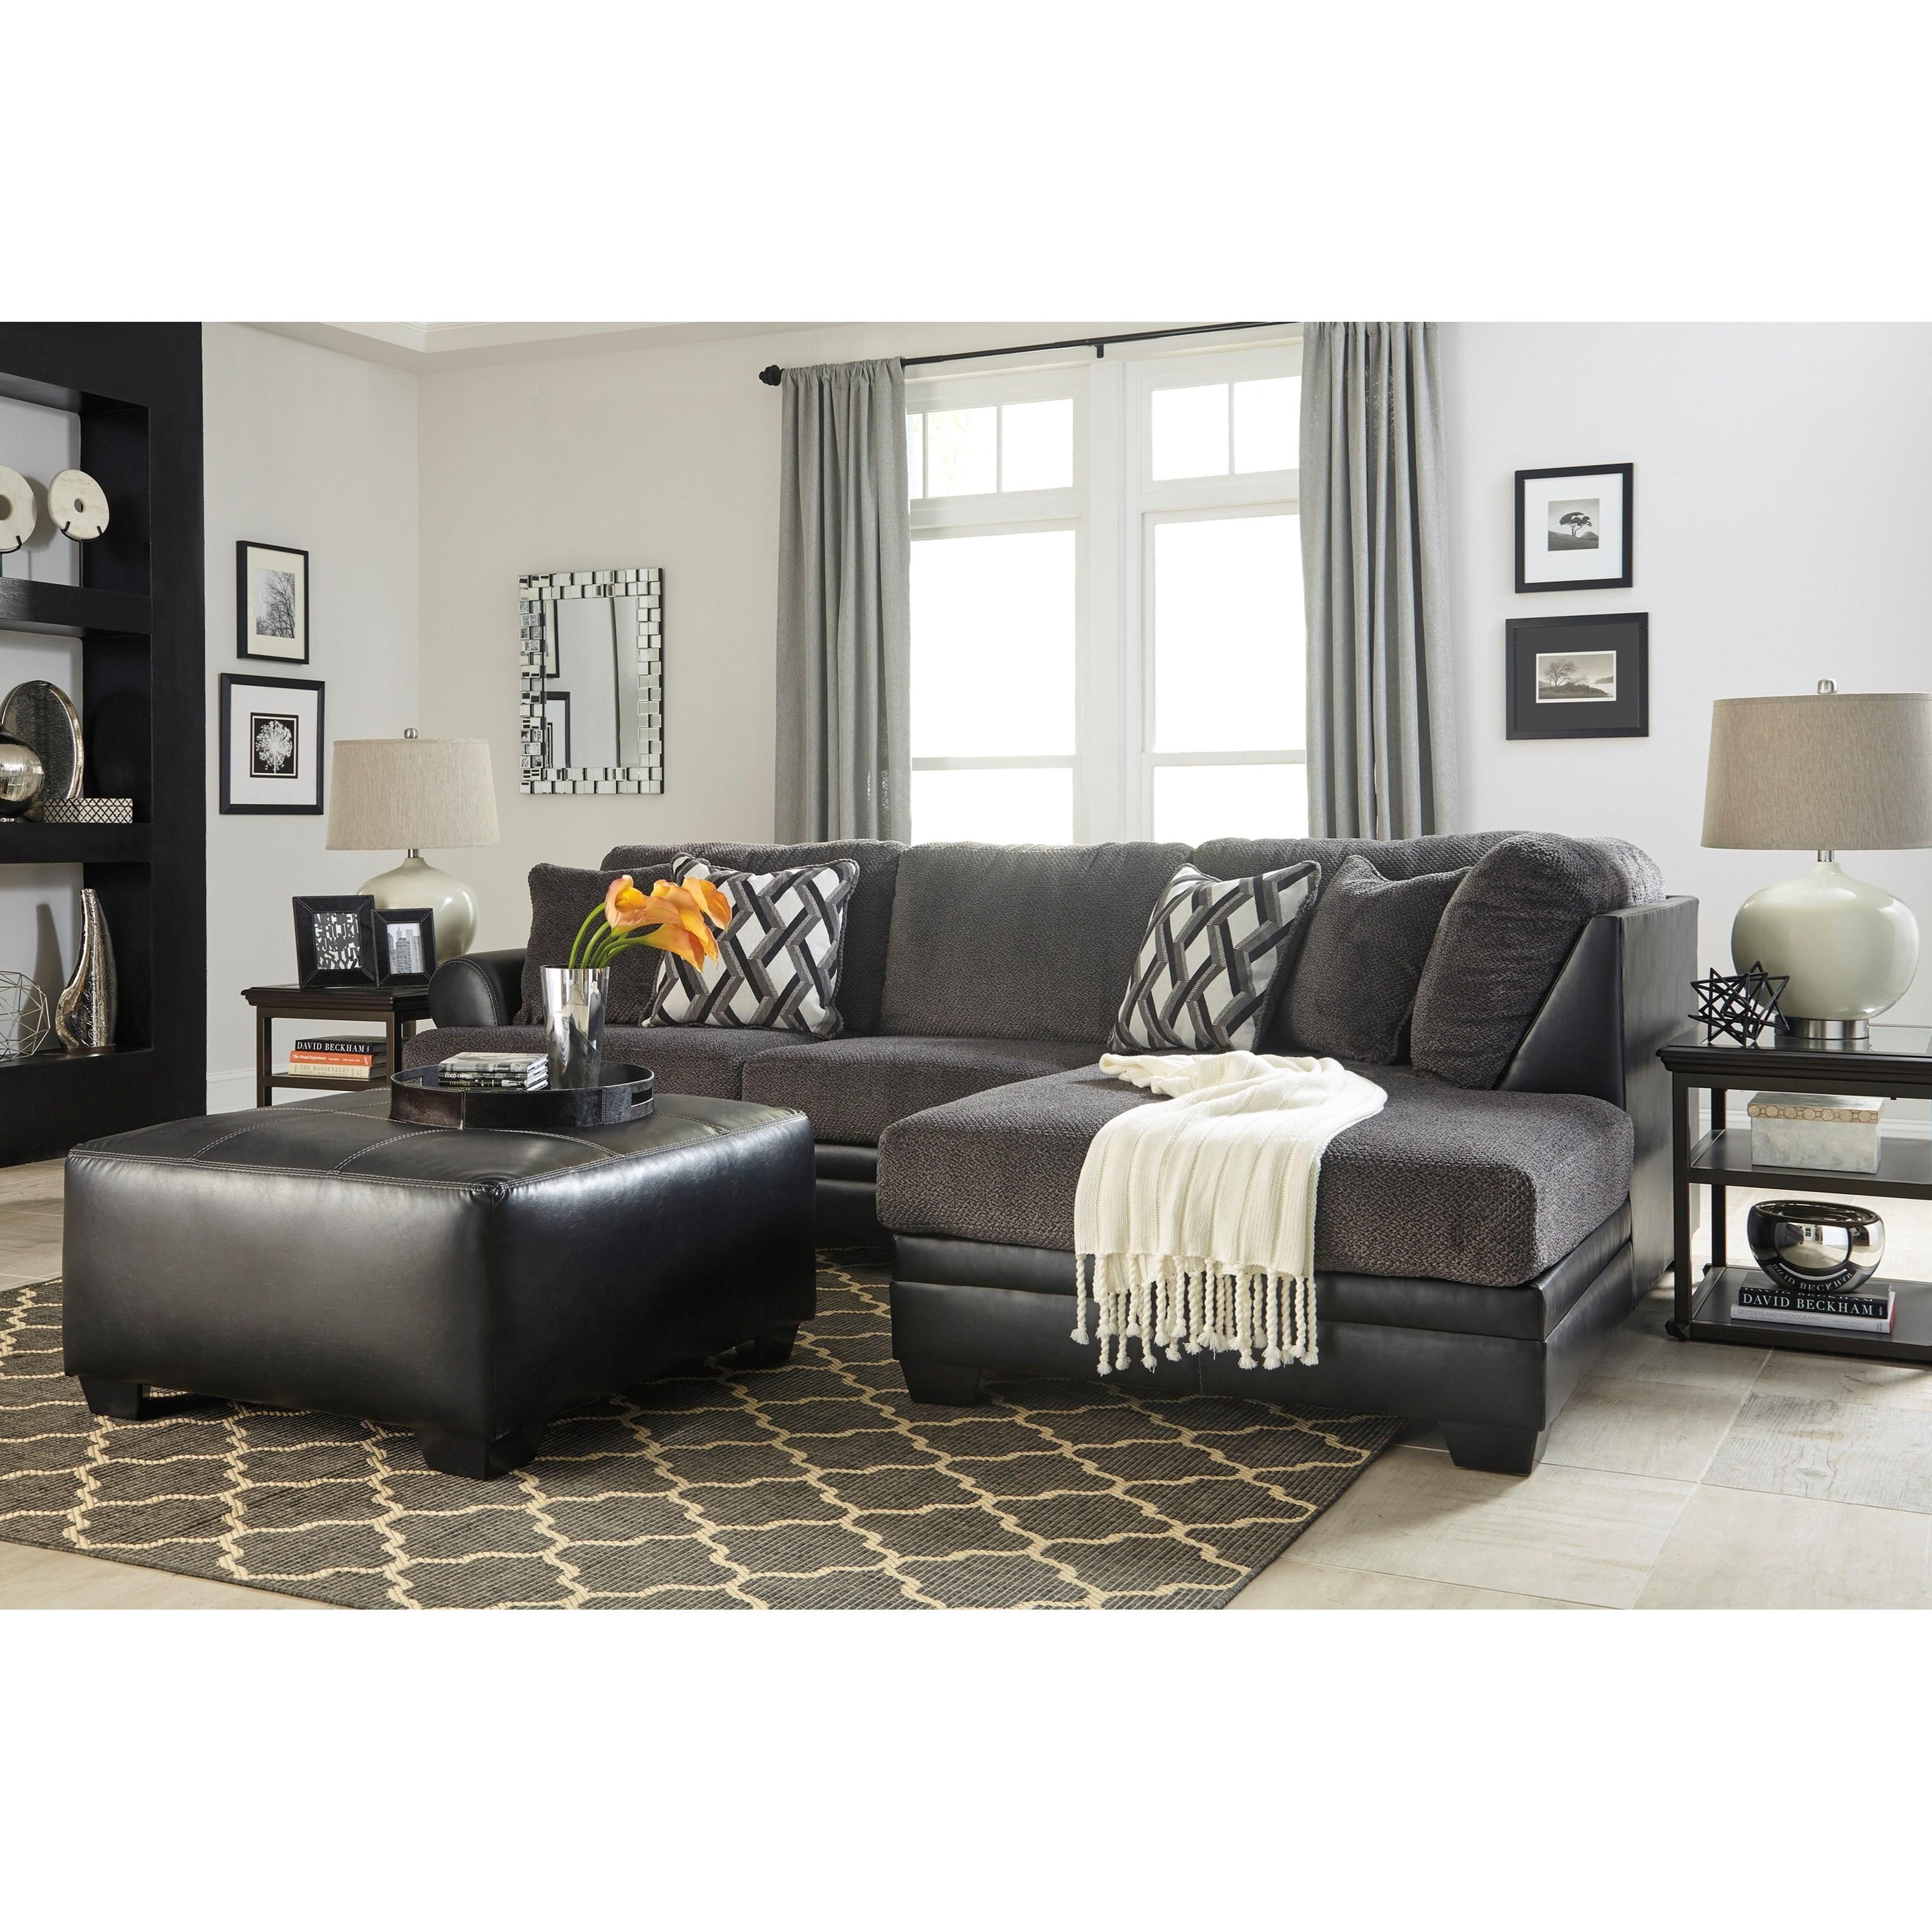 Kumasi Living Room Group by Benchcraft at Furniture Fair - North Carolina